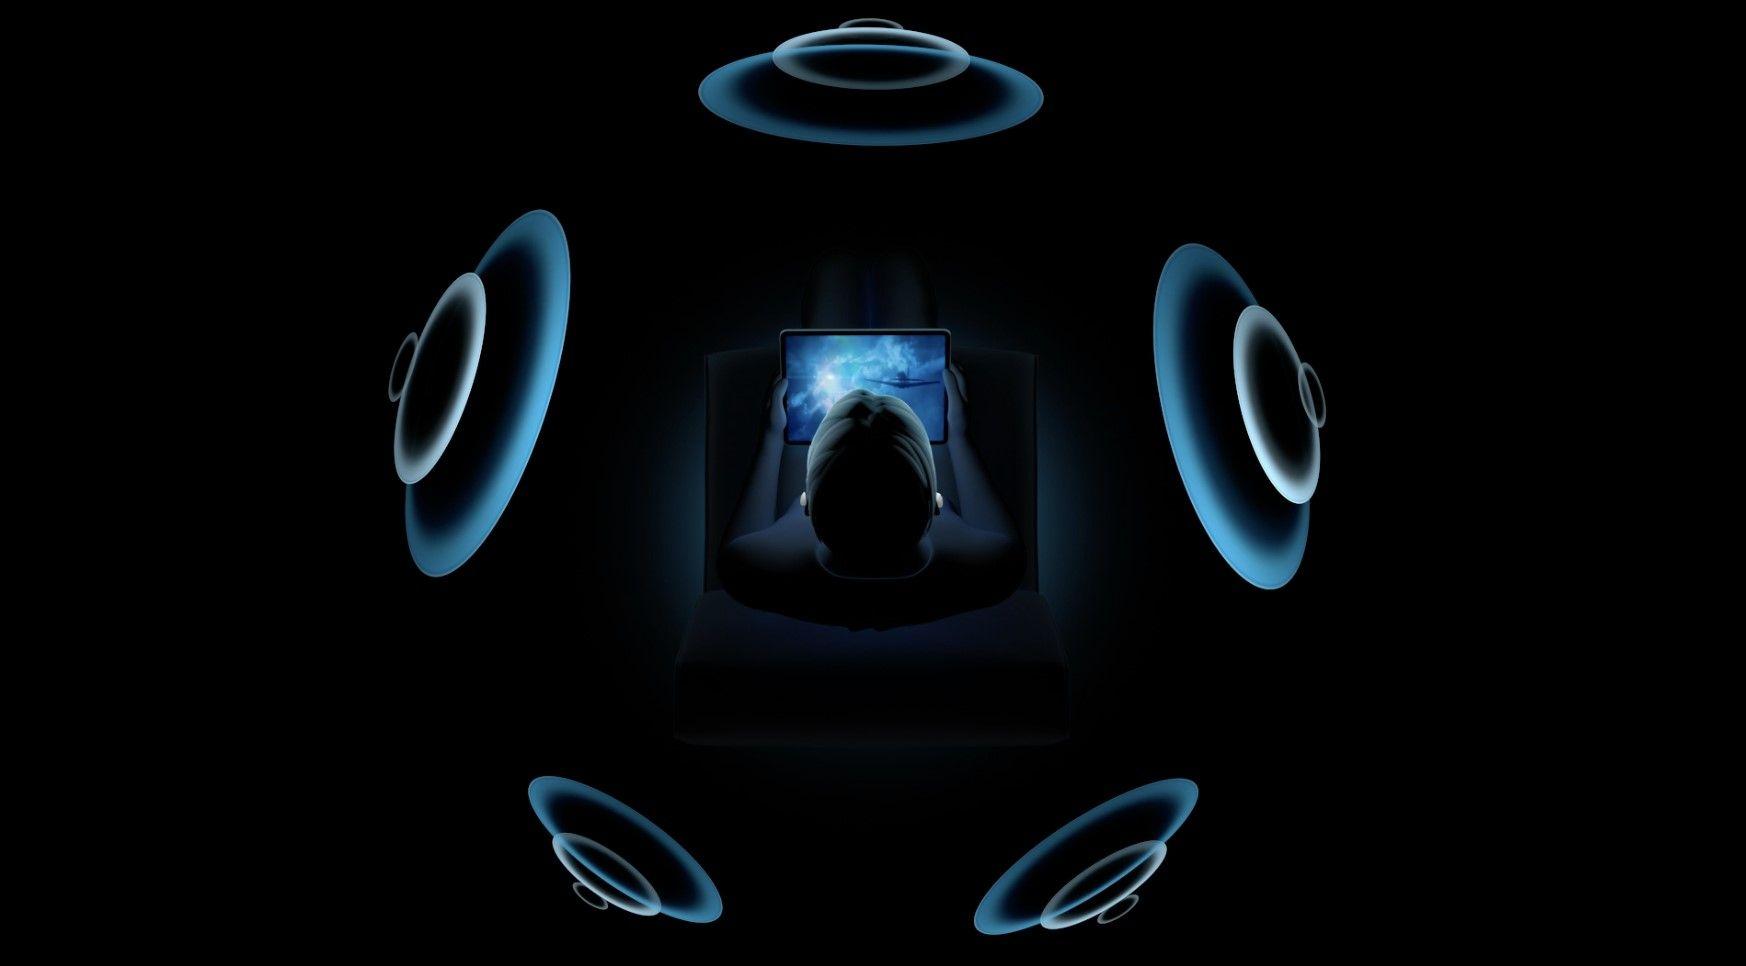 Ilustração do áudio espacial nos AirPods Pro